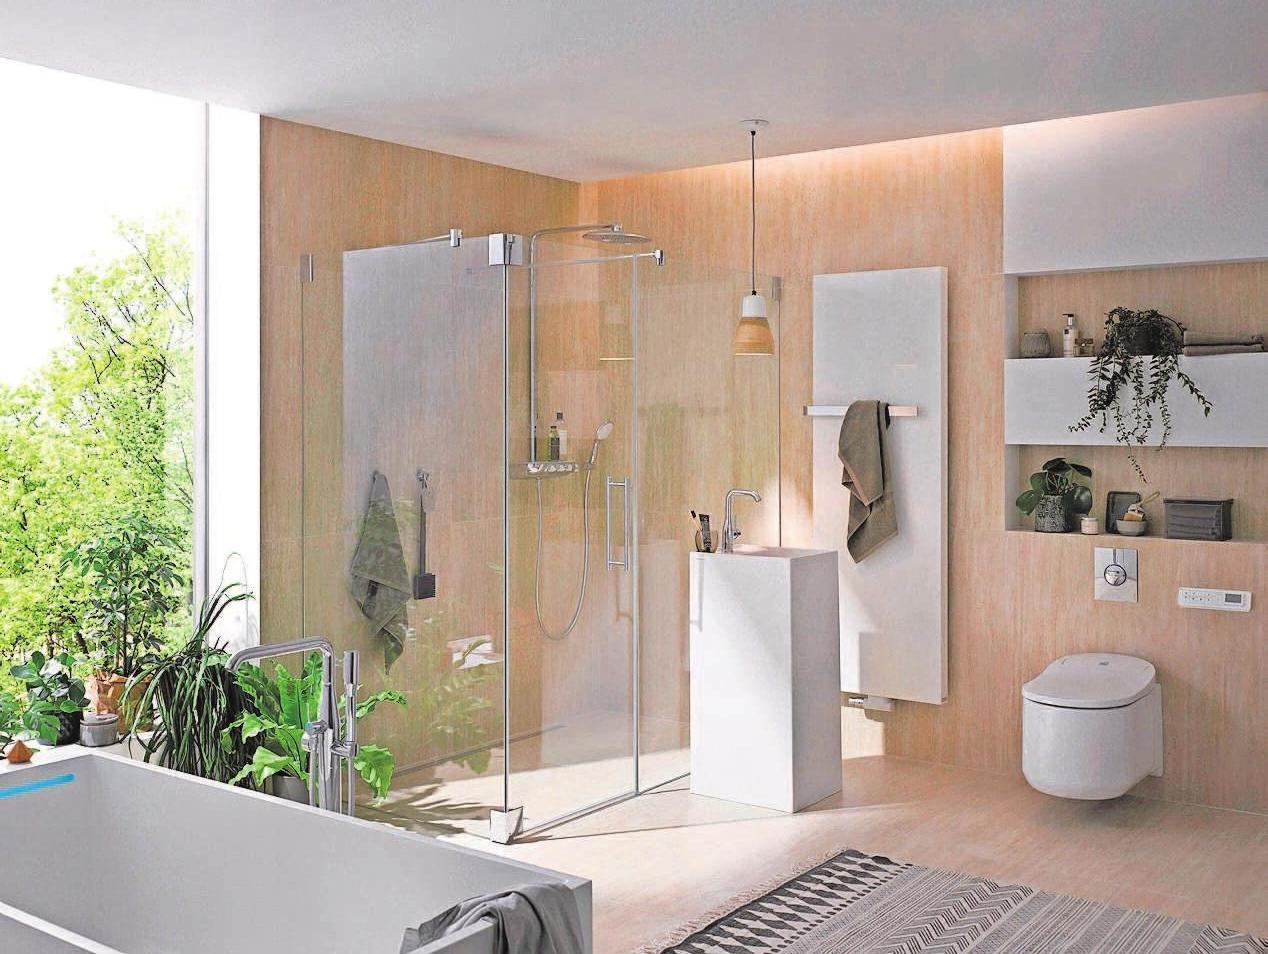 Großes Duschvergnügen auch in kleinen Bädern: Der Aufputz-Thermostat bietet gleichzeitig eine Ablagefläche. Fotos: akz/hagro/kermi